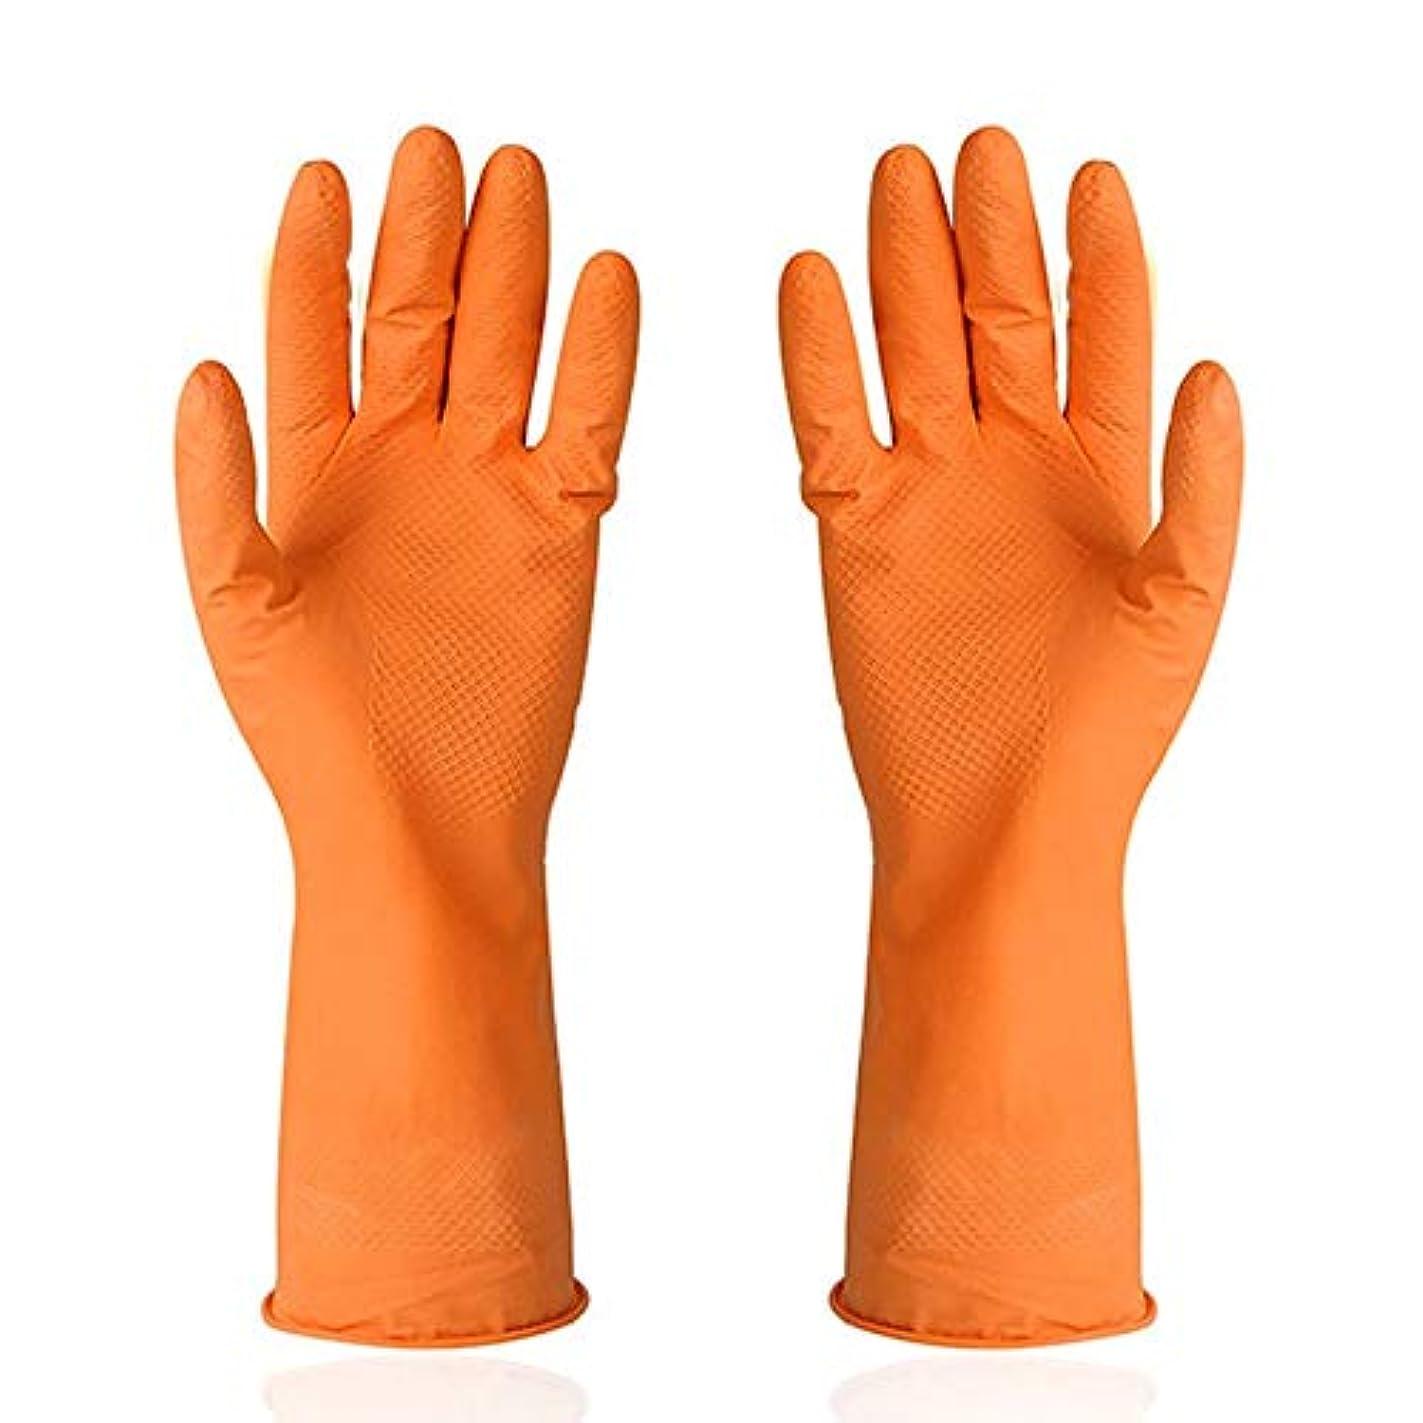 信じられない祝うレタスキッチンラバークリーニング手袋の再利用可能な家庭用防水洗濯手袋